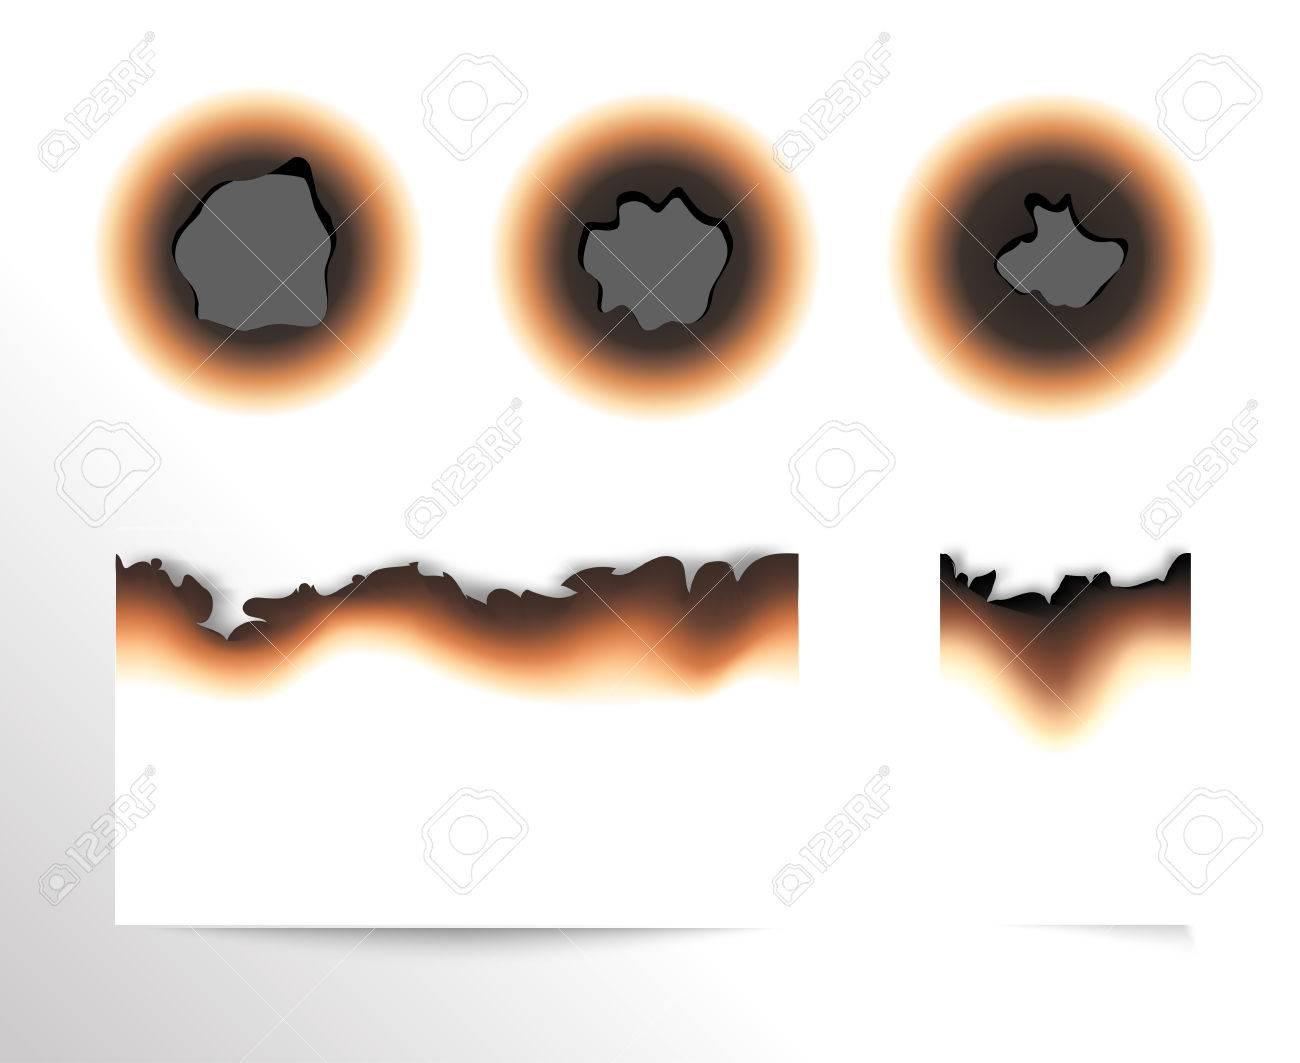 紙と分離した白い背景ベクトル図の焦げた穴の焦げた部分のセットの